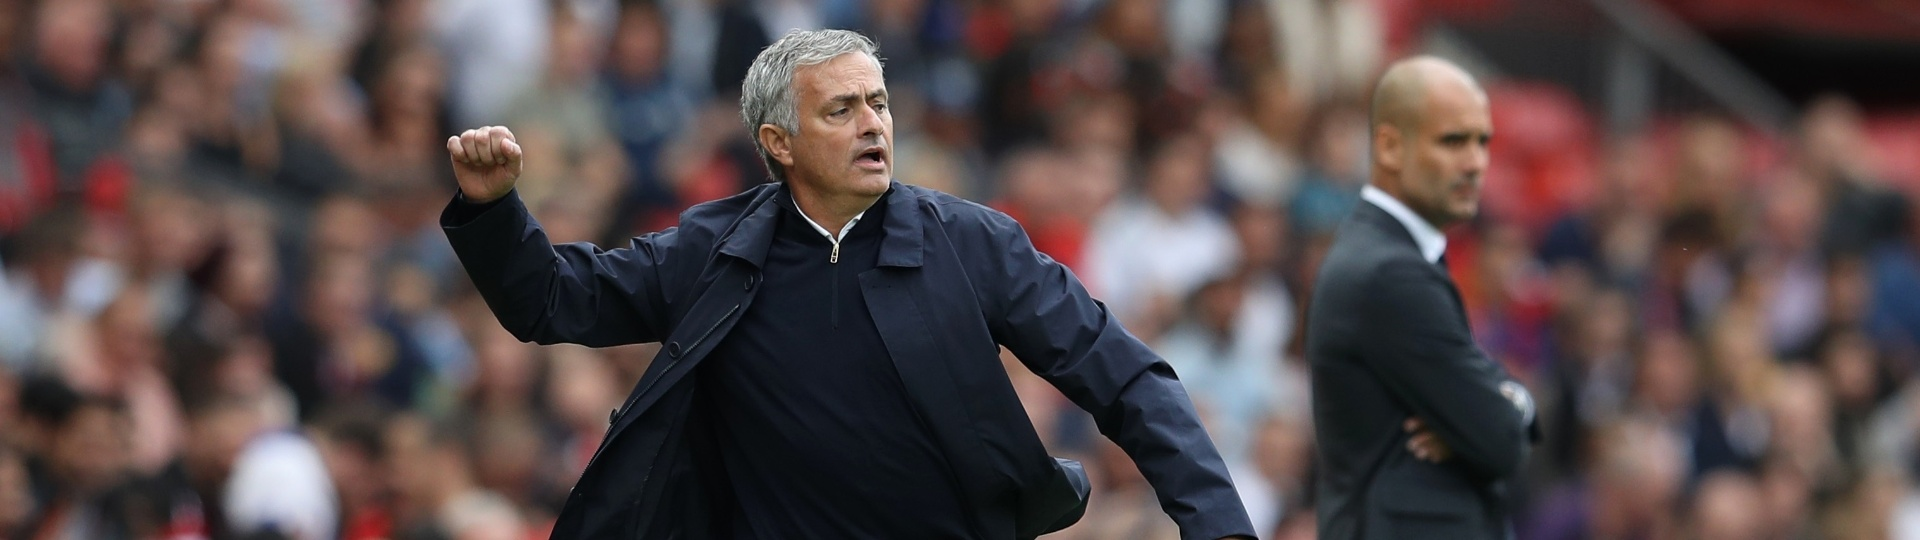 Mourinho orienta time do United na beira do campo durante clássico contra o Manchester United, no Campeonato Inglês